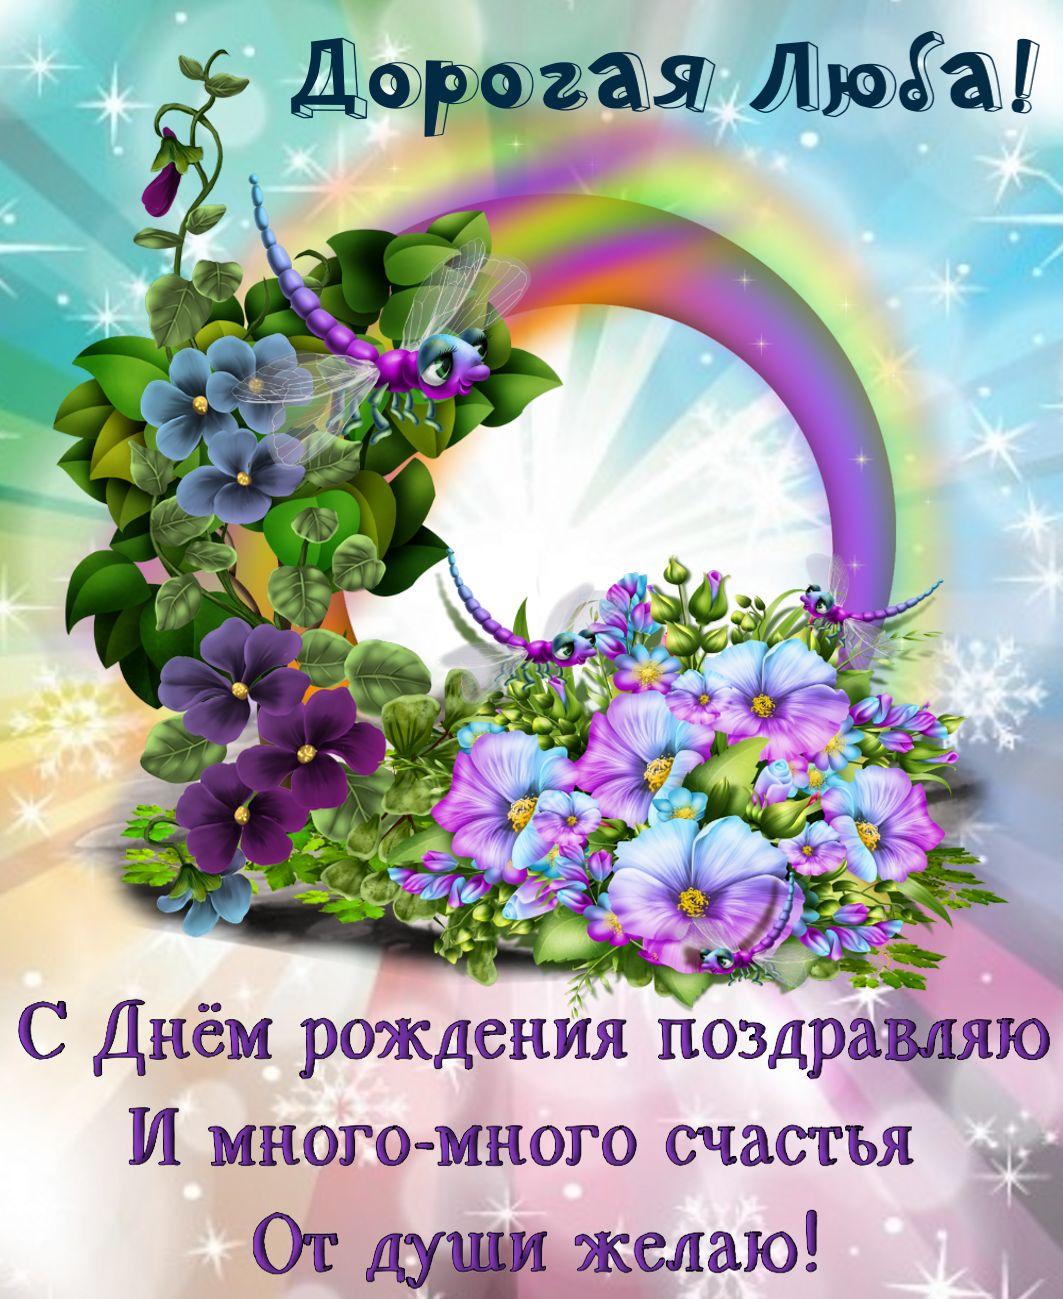 Поздравления с Днем рождения в прозе - Пустунчик 89